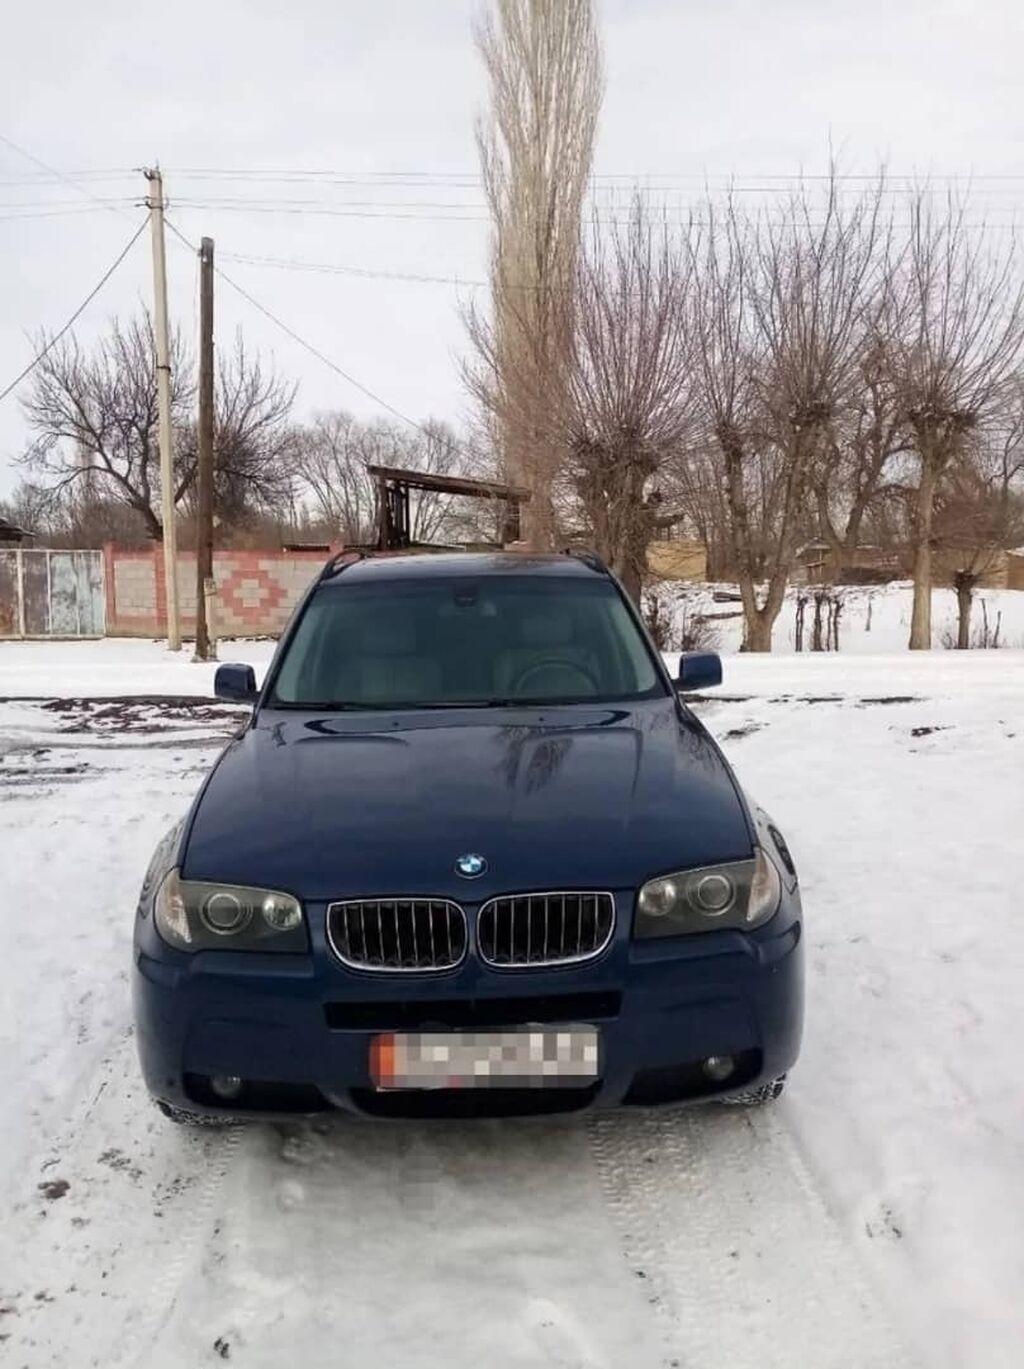 BMW 3 л. 2005 | 143000 км: BMW 3 л. 2005 | 143000 км